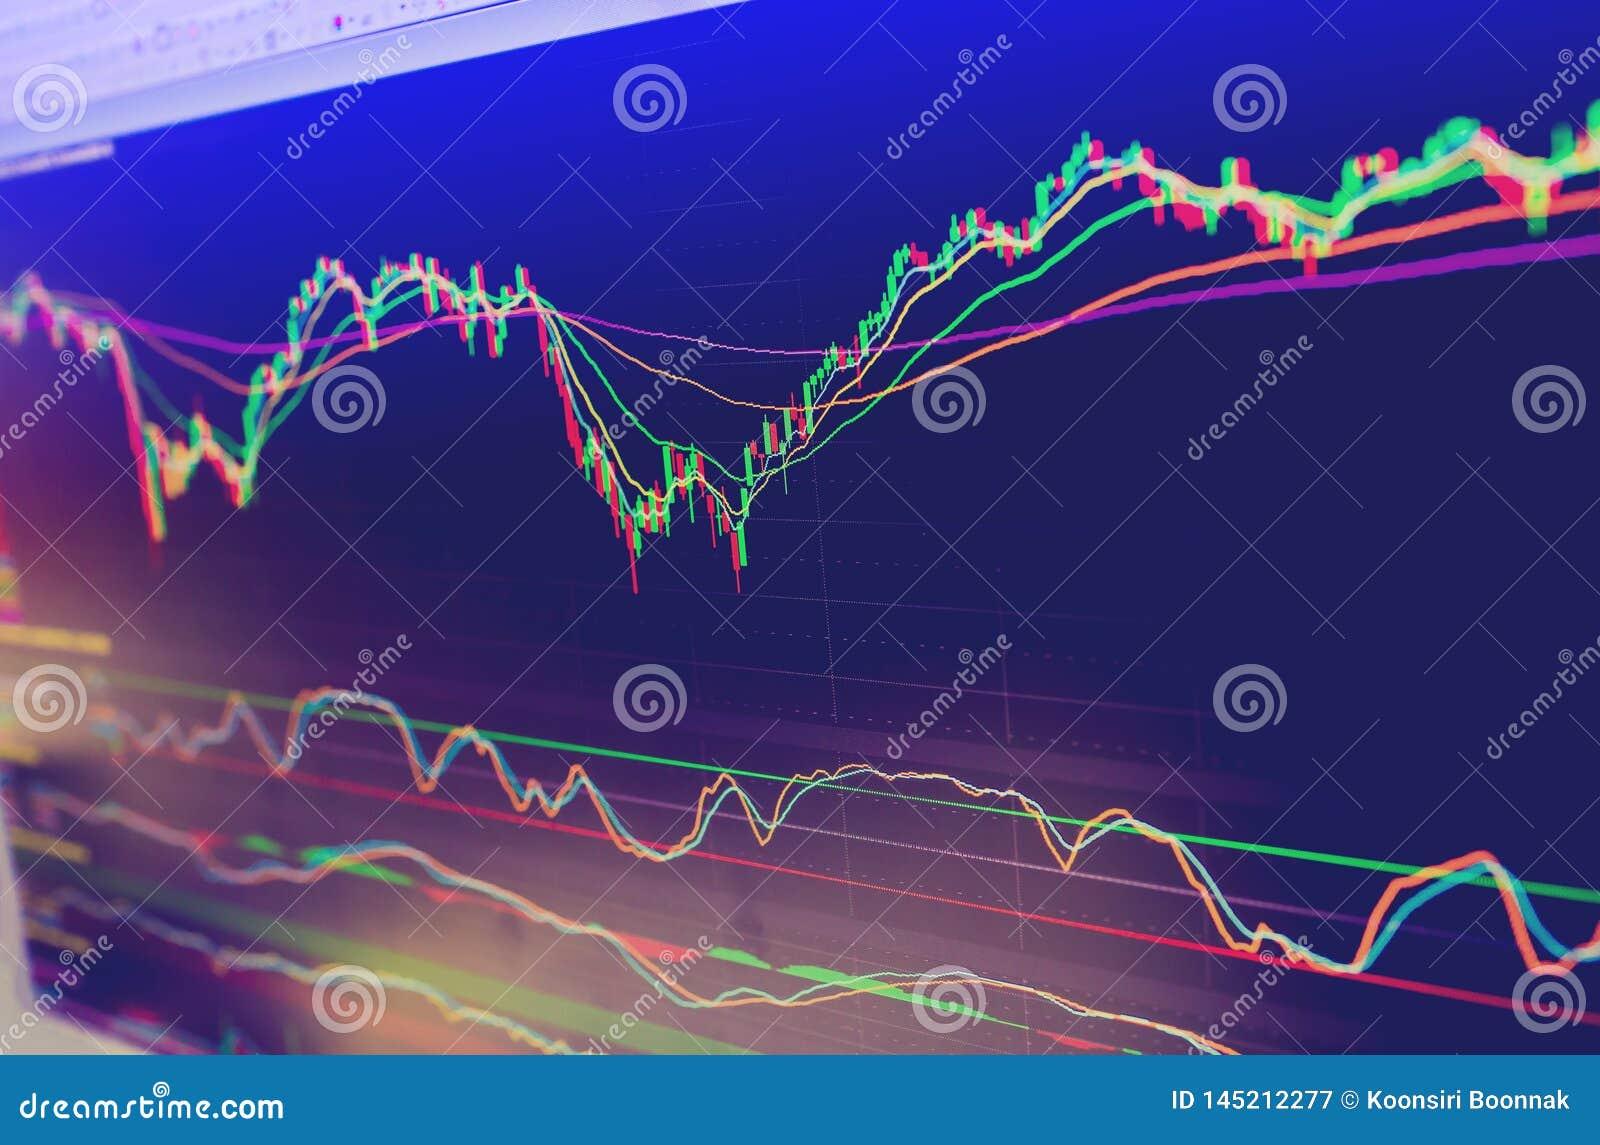 El foco selectivo de las cartas del gr?fico de negocio de instrumentos financieros con el diverso tipo de indicadores combina